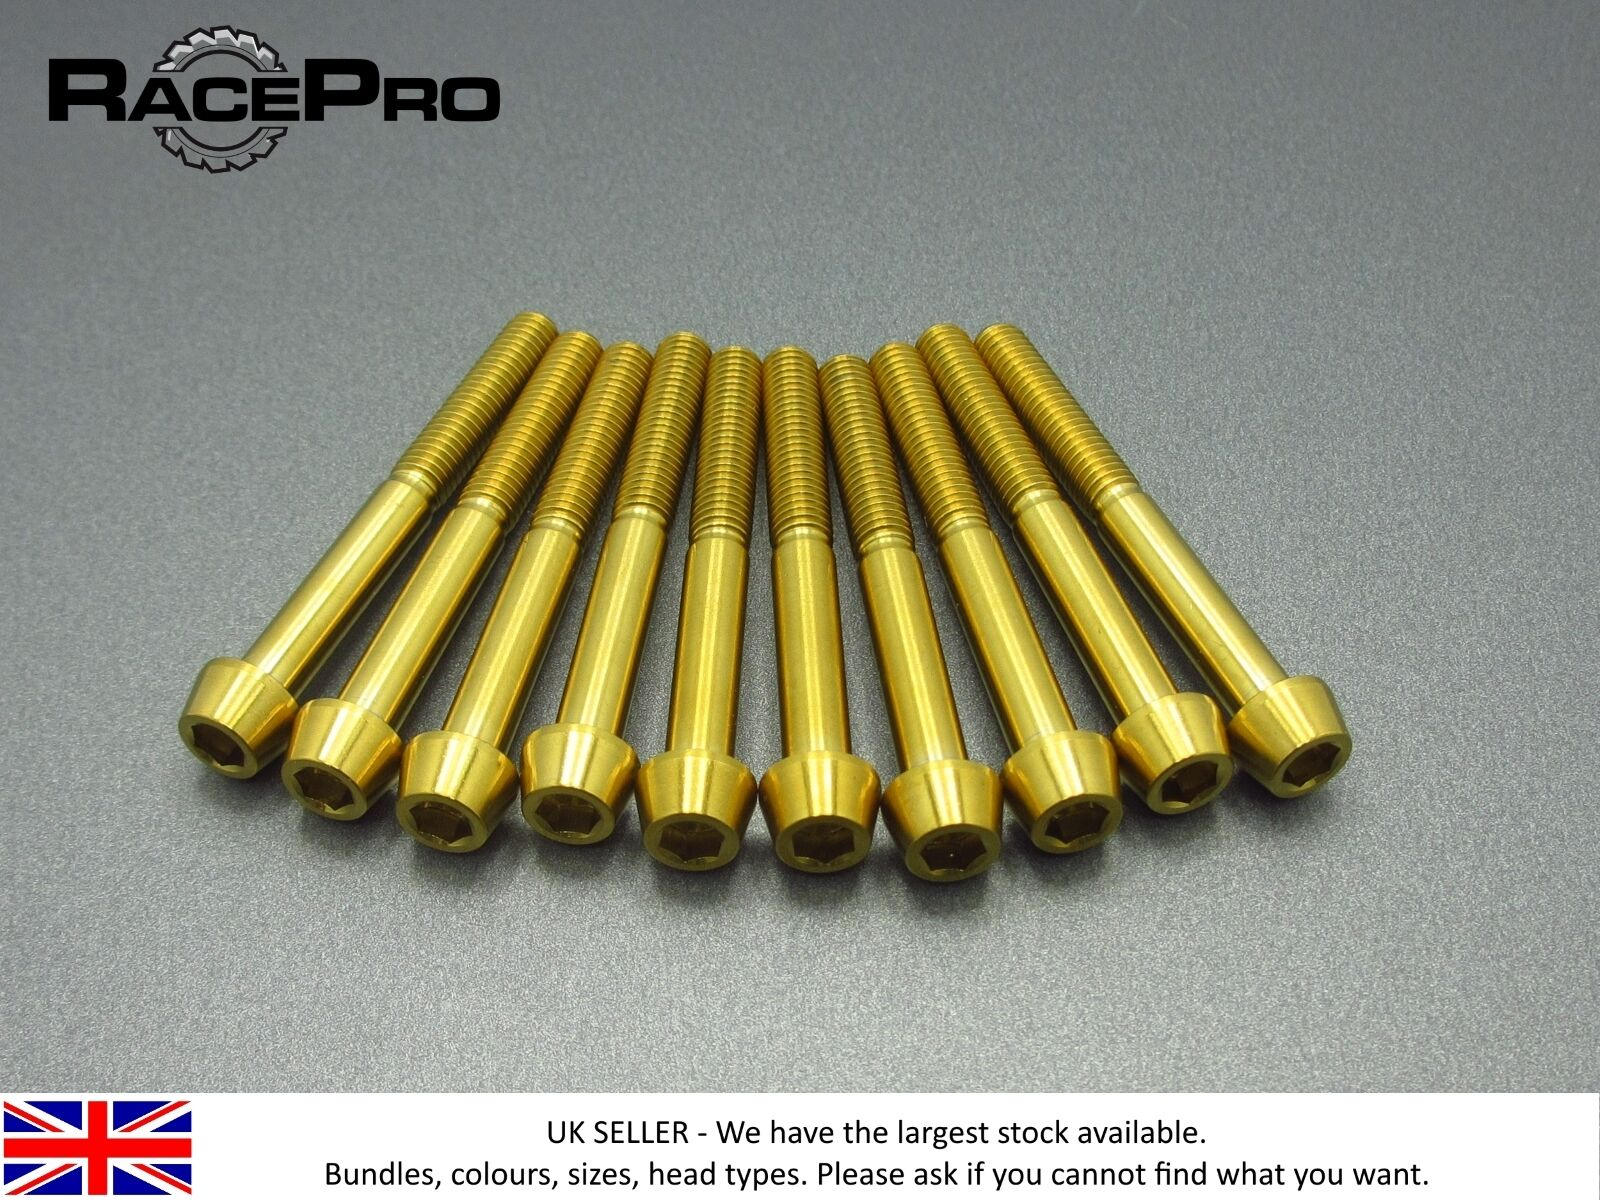 RacePro - 6x Titanium Tapered Bolt GR5 - M6 x 45mm x 1mm - Allen Head - gold